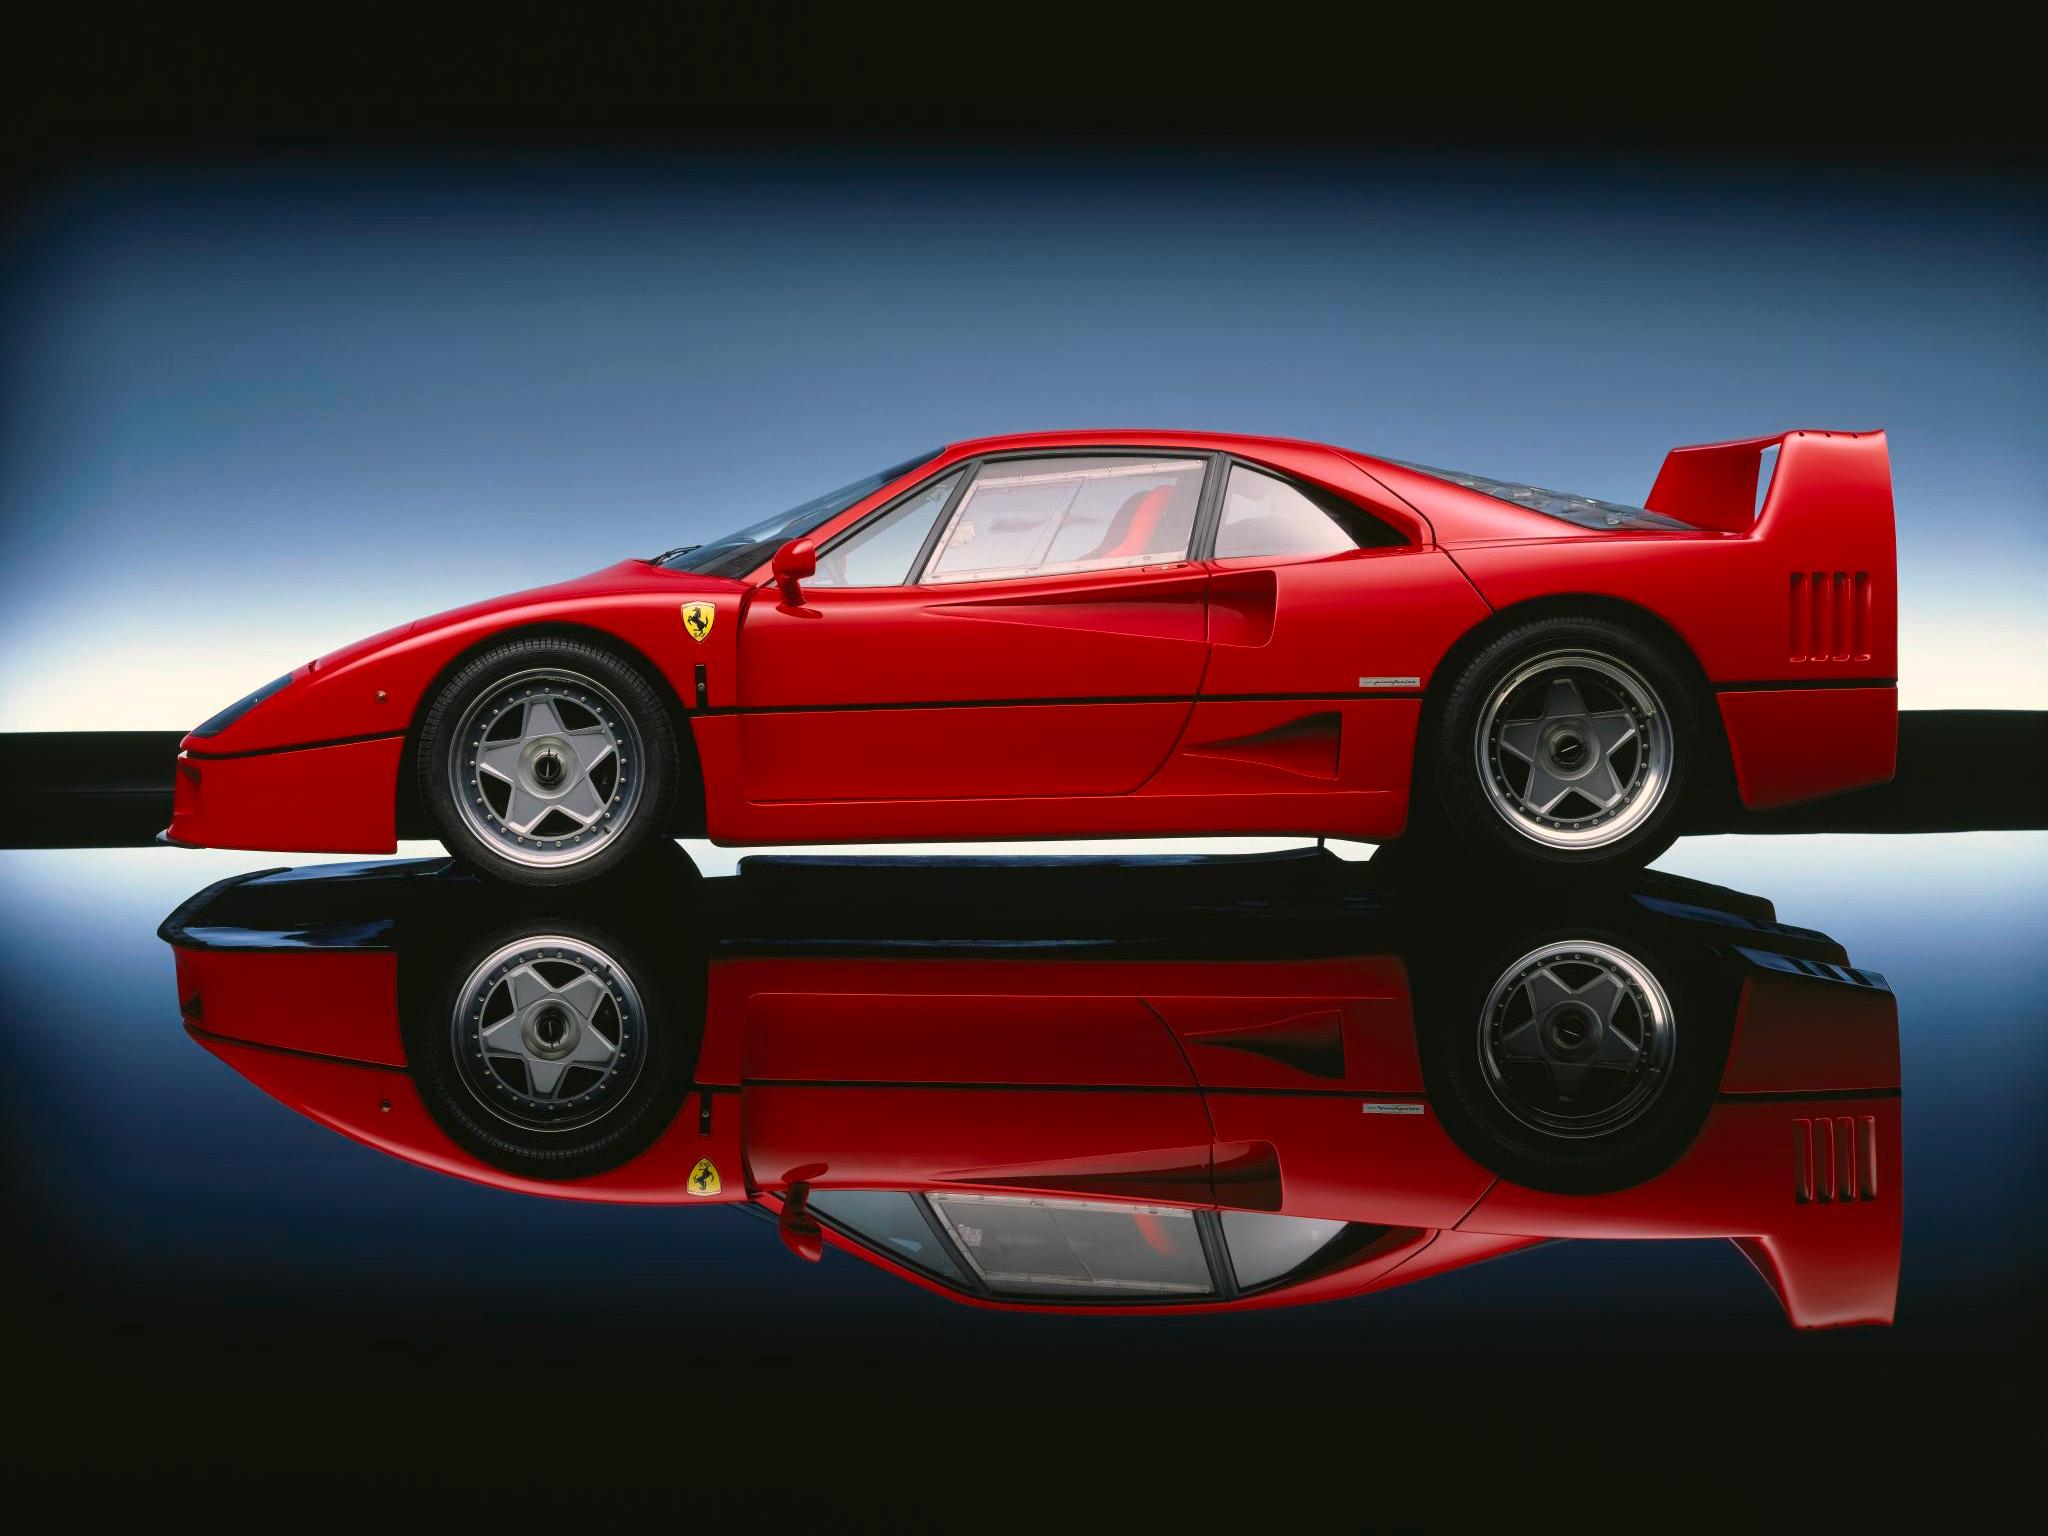 Ferrari F40 Prototipo - 1987 - side-face / profil